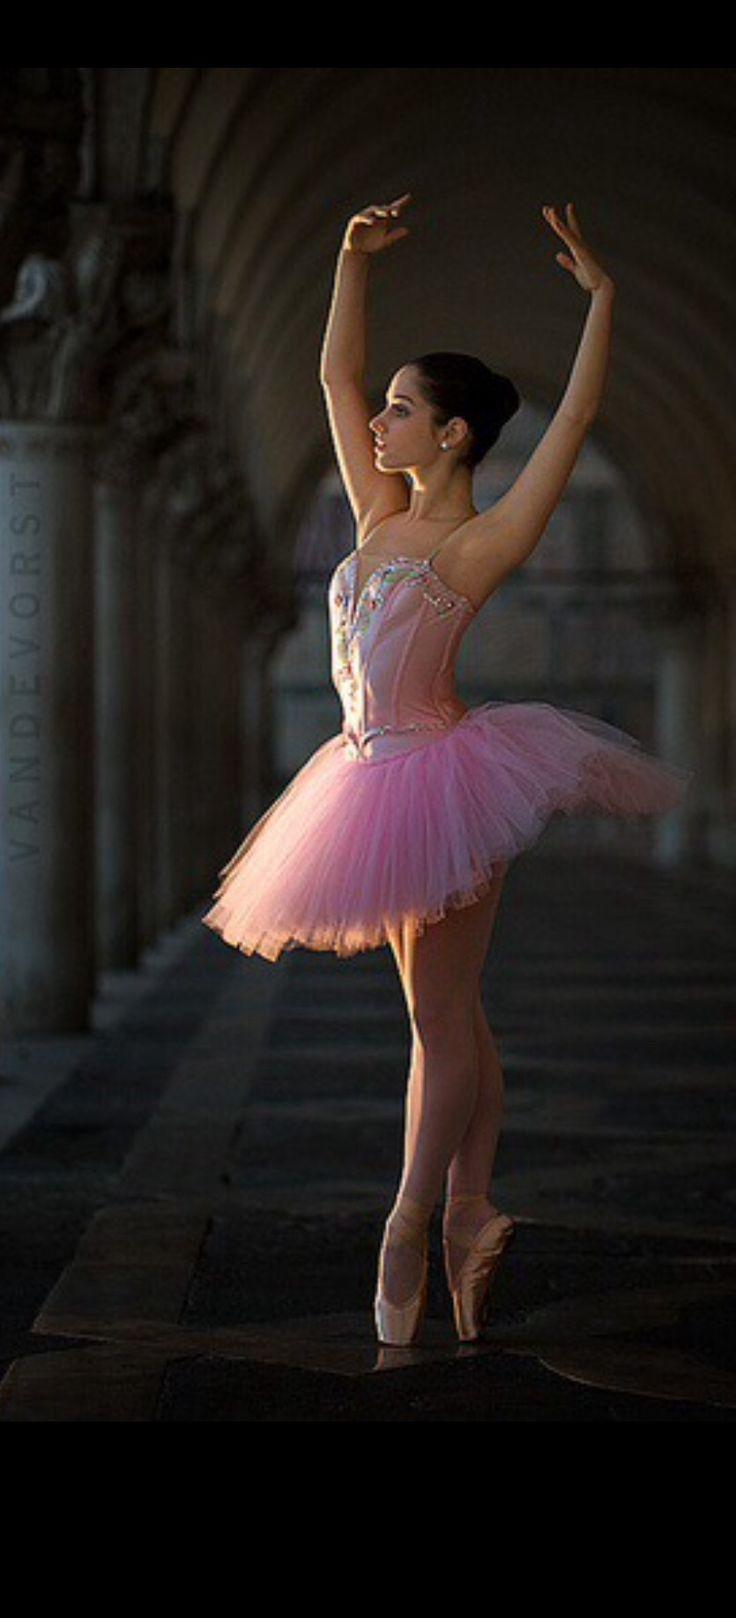 {Ballerina} Using one light by Hans van de Vorst [source: Flickr / hansvandevorst]